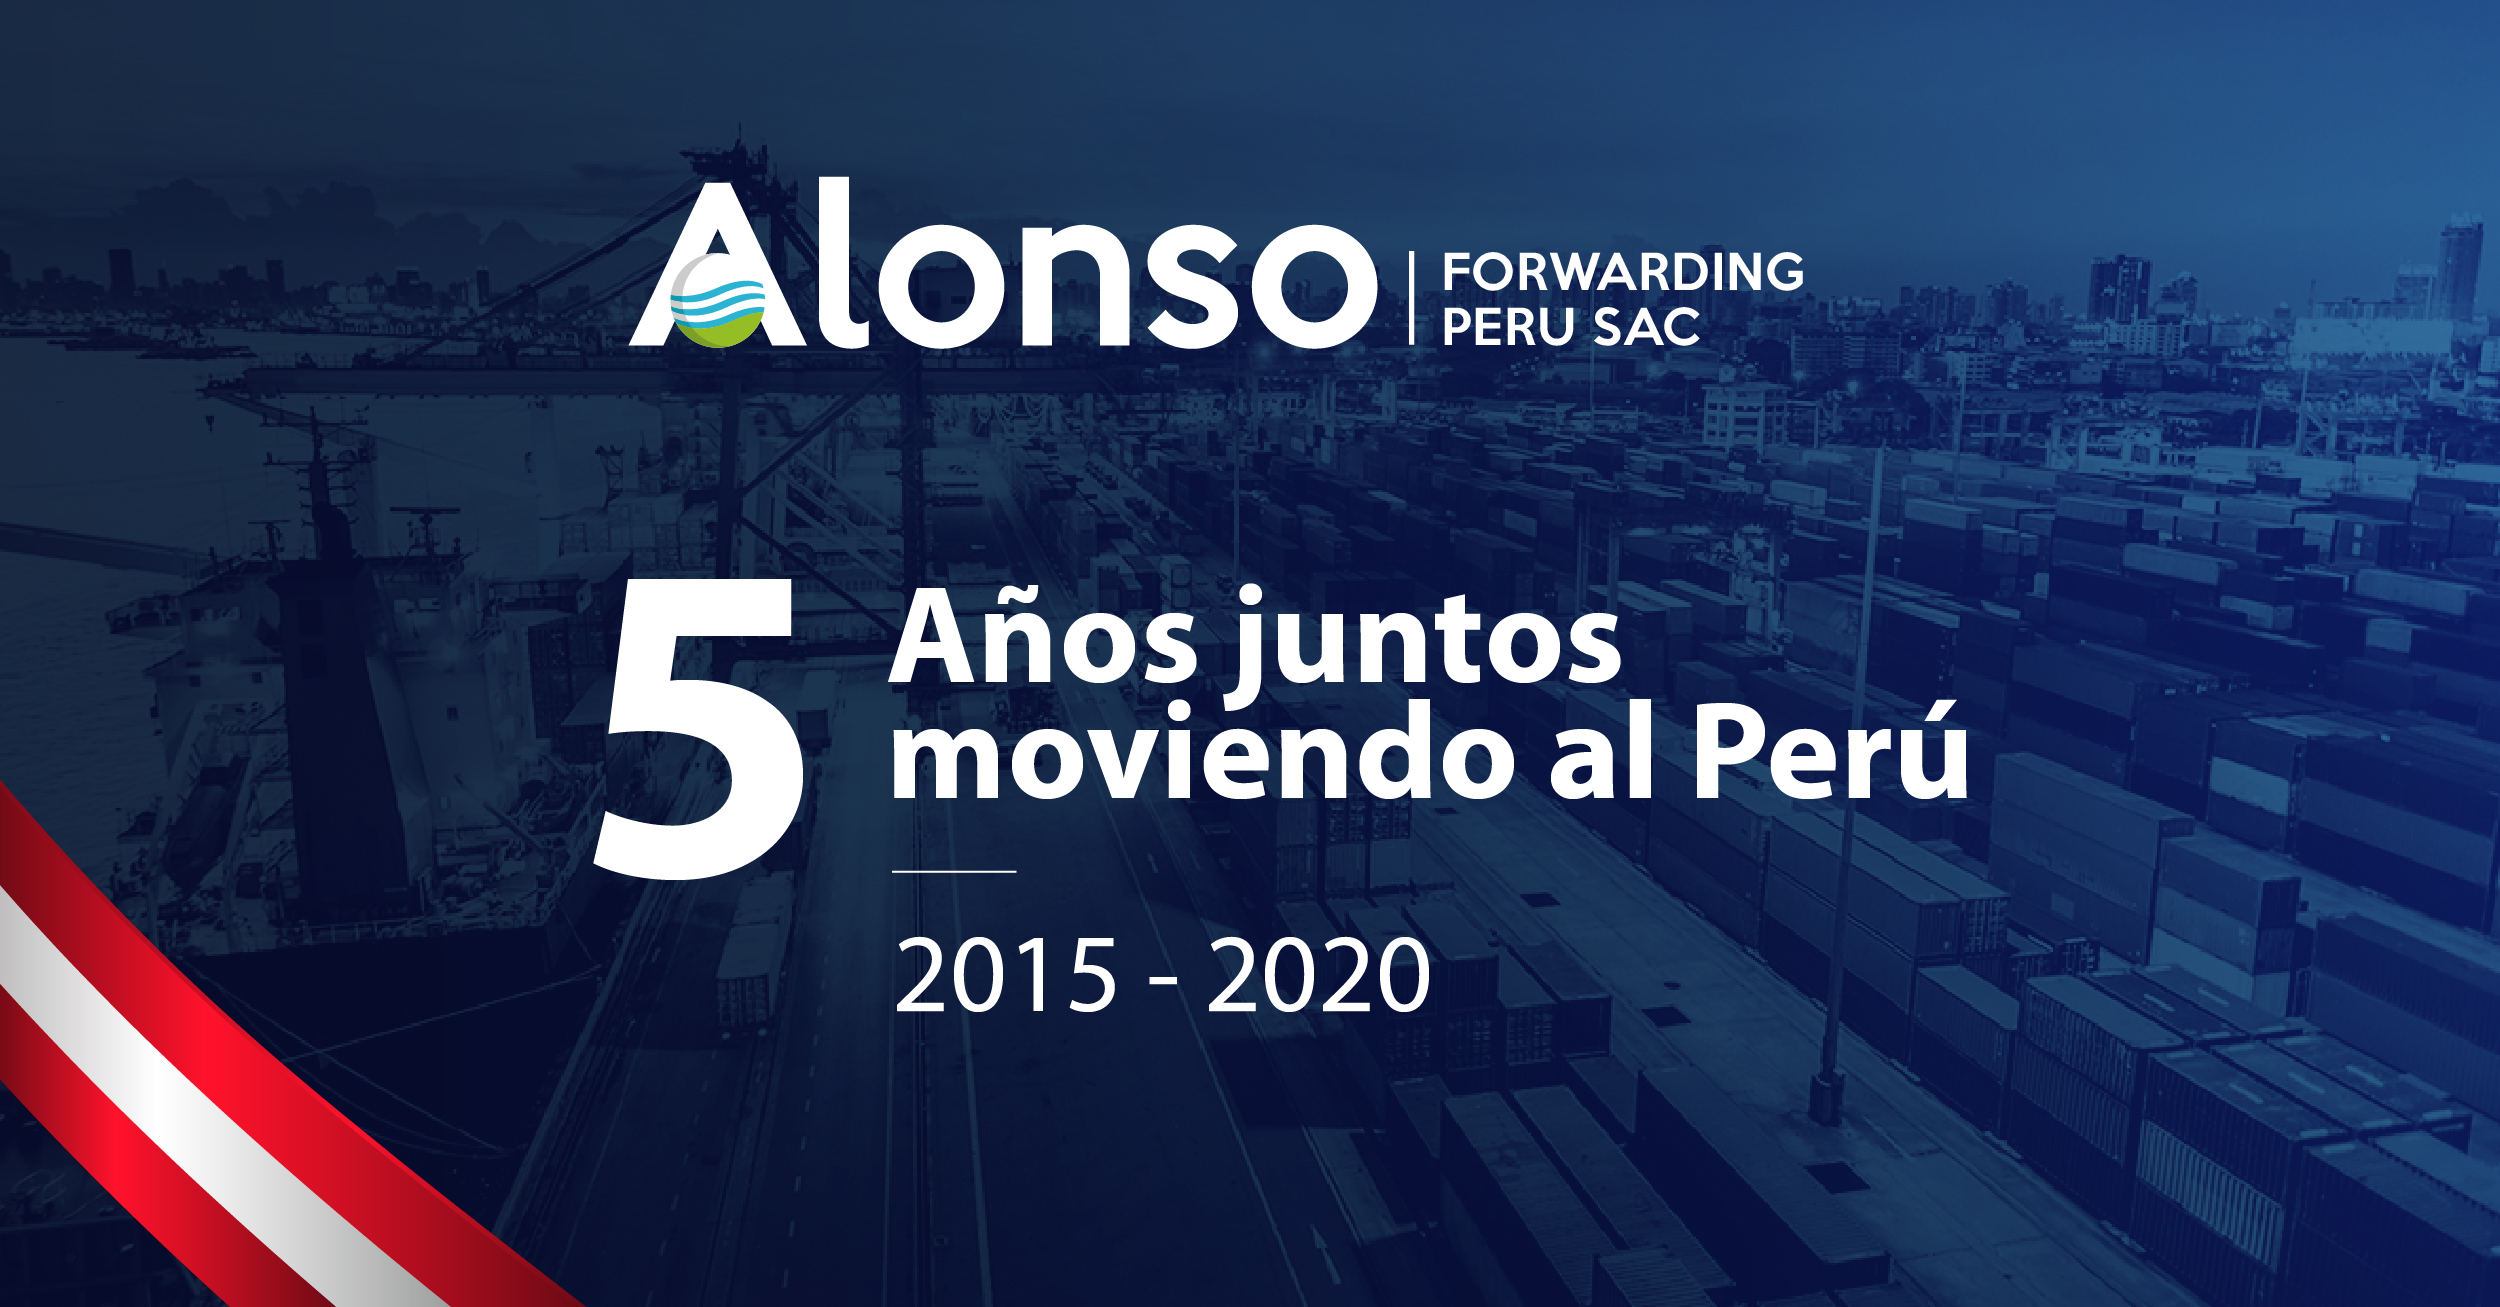 Alonso Forwarding Perú celebra su quinto aniversario.